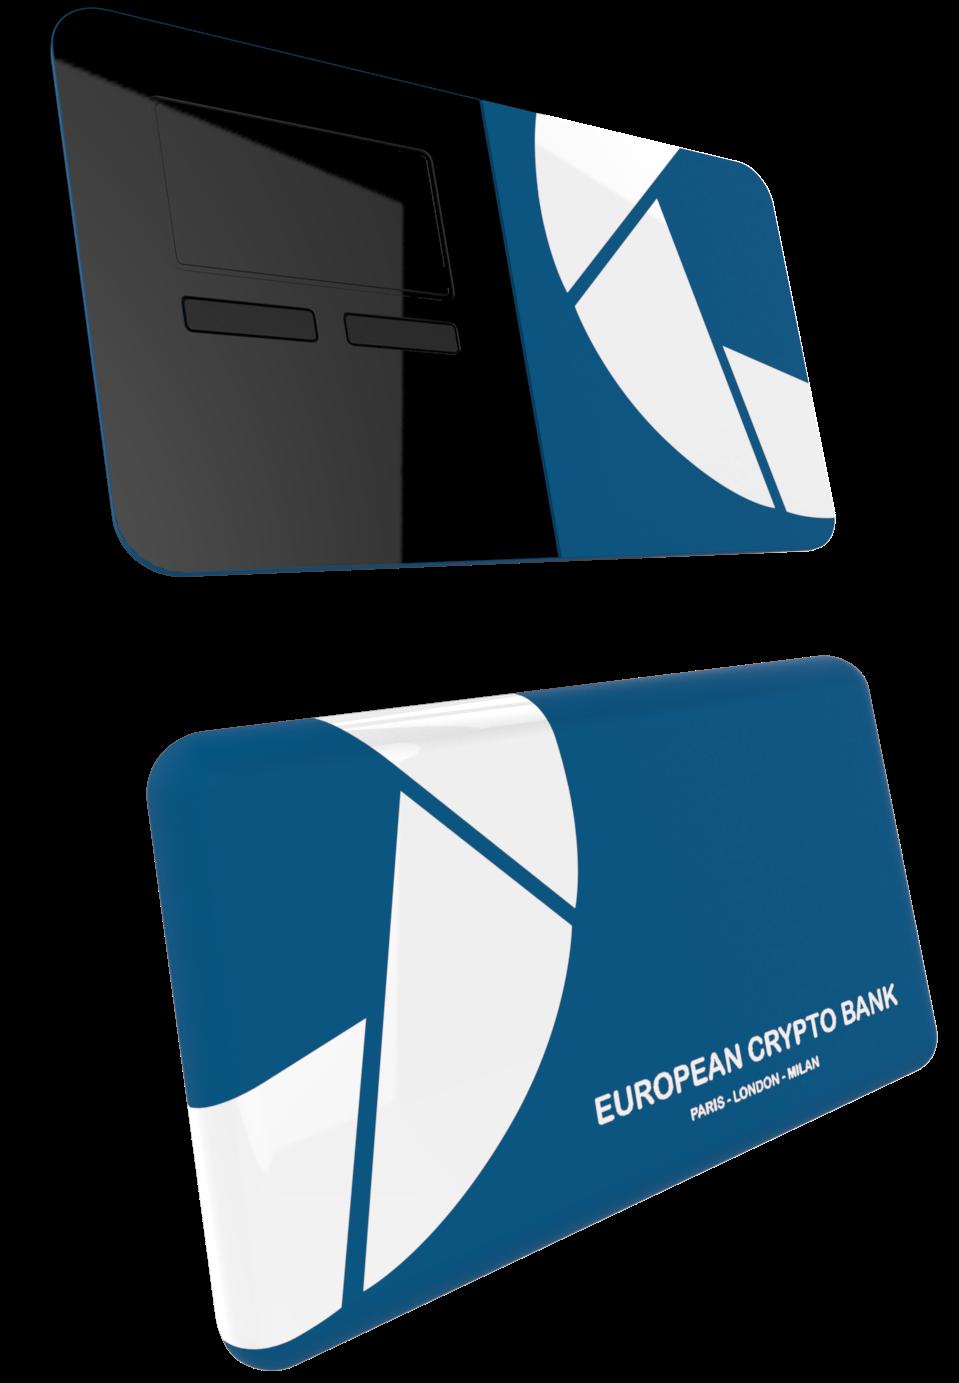 ARCHOS gaat samenwerking aan met de  EUROPEAN CRYPTO BANK, de eerste pan Europese organisatie om investeringen en taxaties van cryptocurrencies te faciliteren